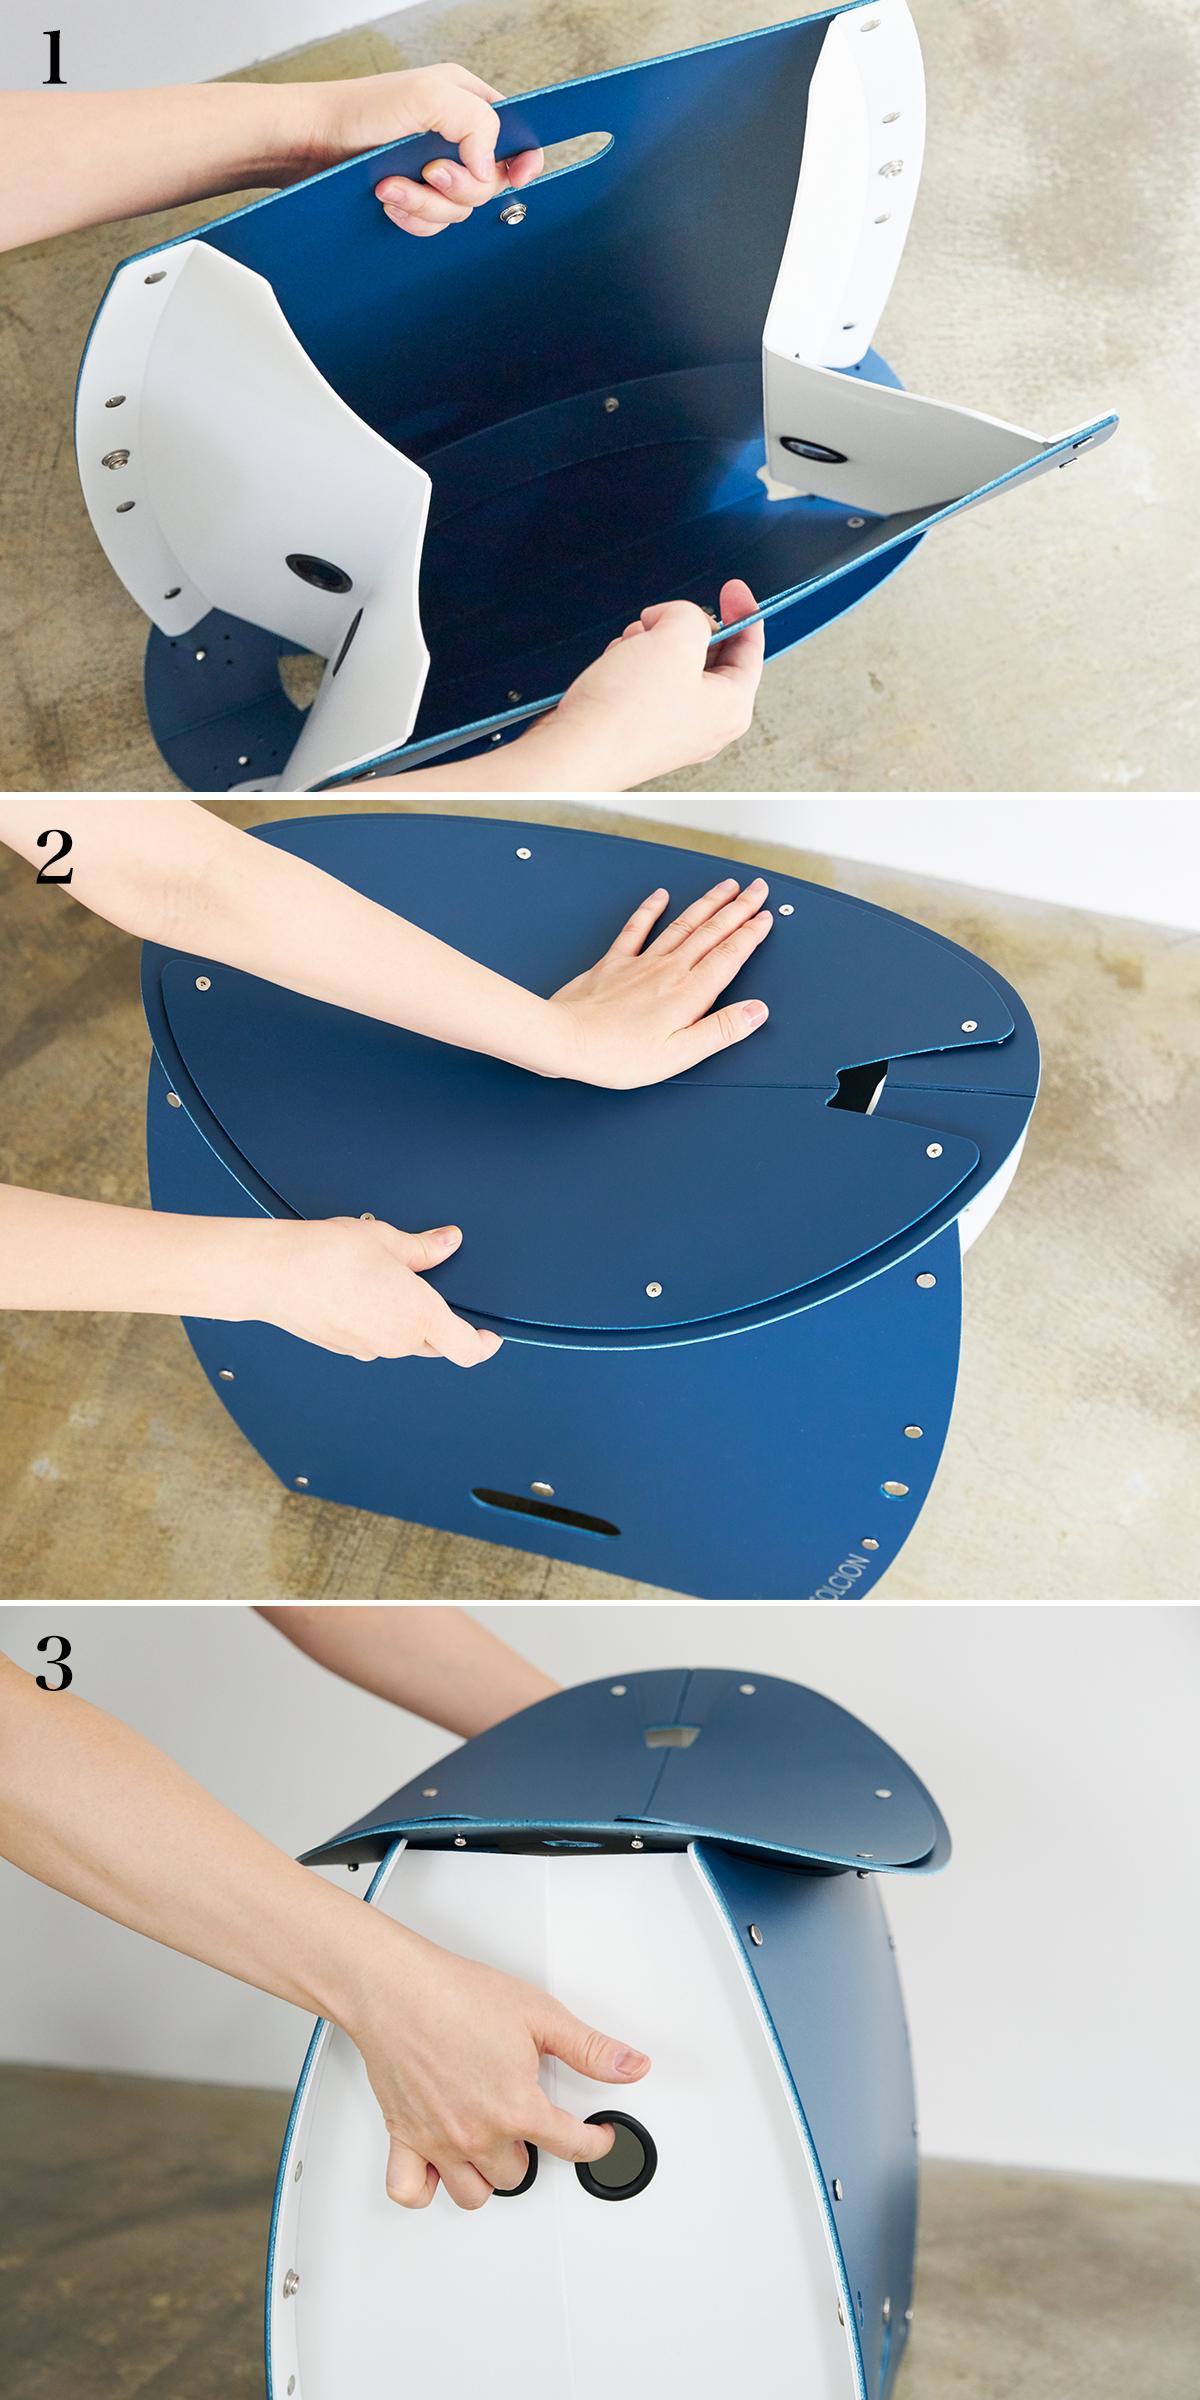 【組み立て方】座面を外せば、ゴミ箱・防災トイレが出現する「折りたたみイス」|PATATTO PATATTO 350+